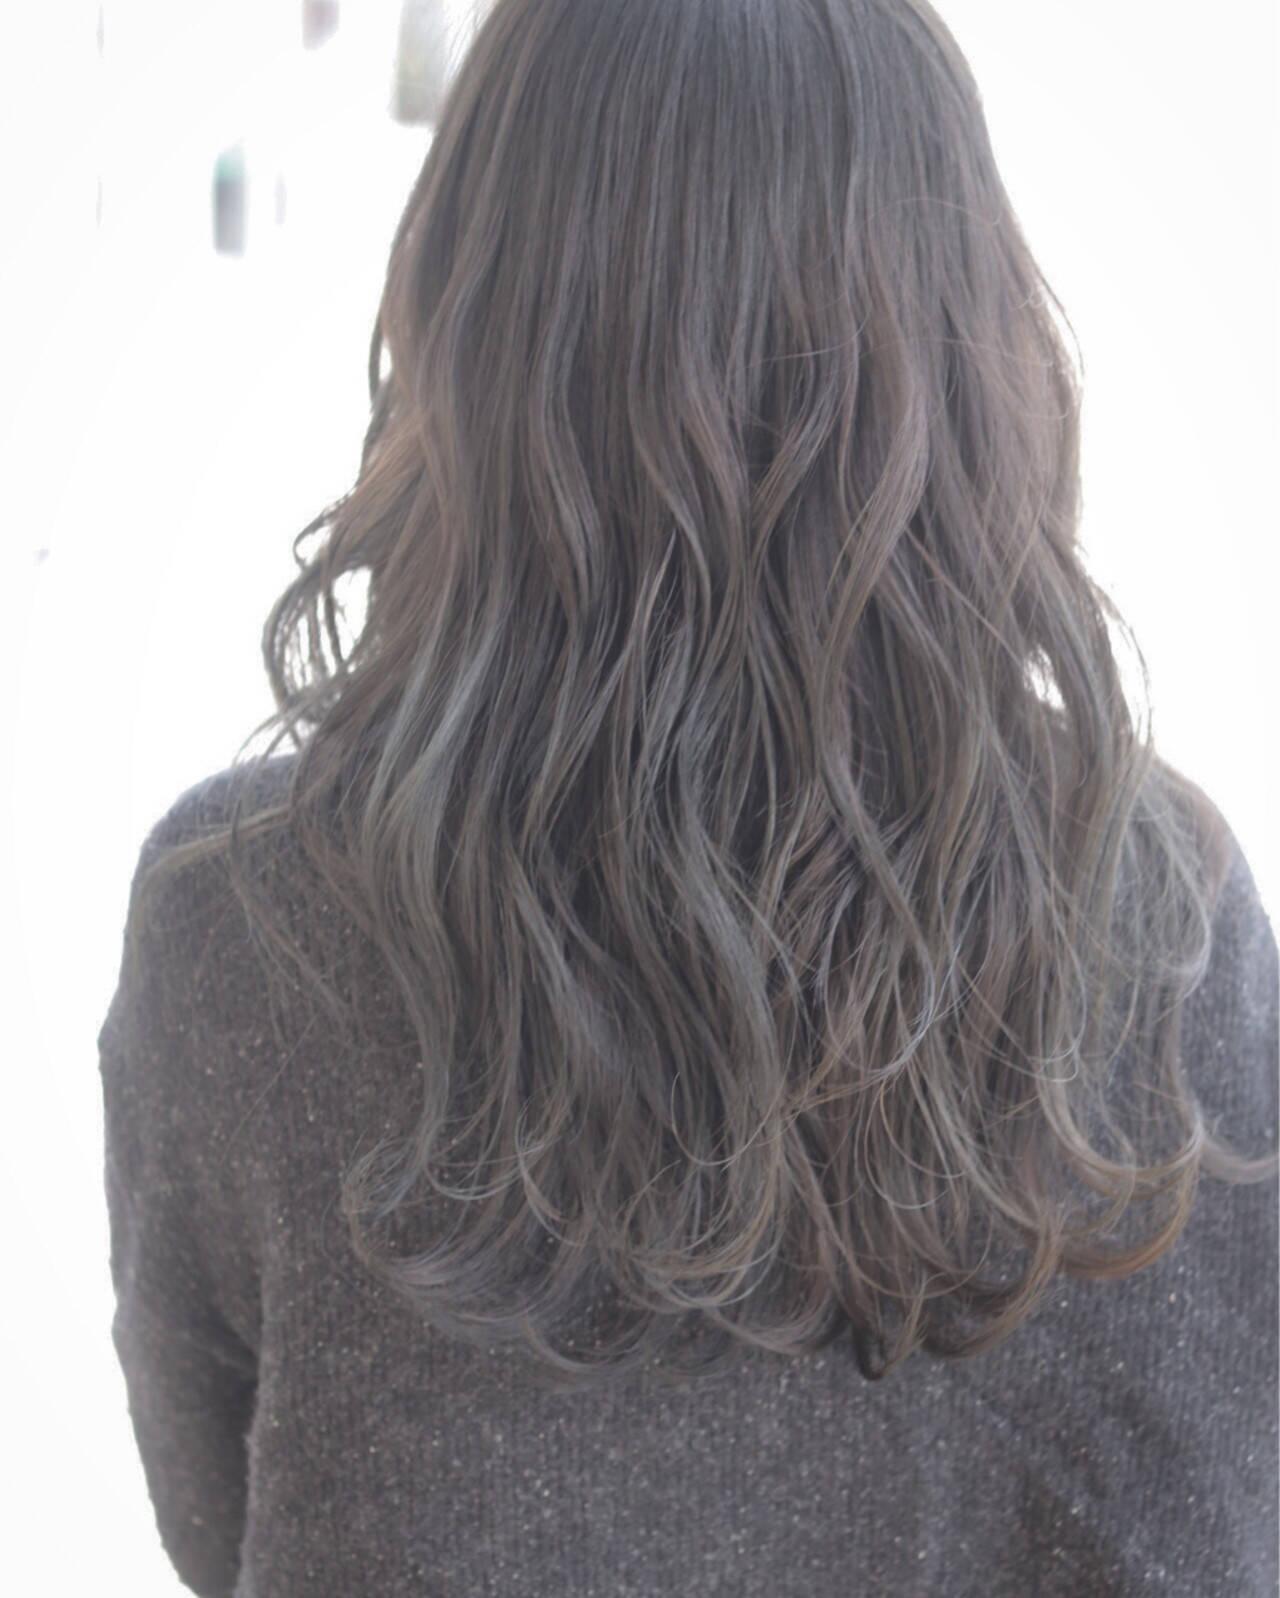 ミルクティー エアリー アッシュ ナチュラルヘアスタイルや髪型の写真・画像